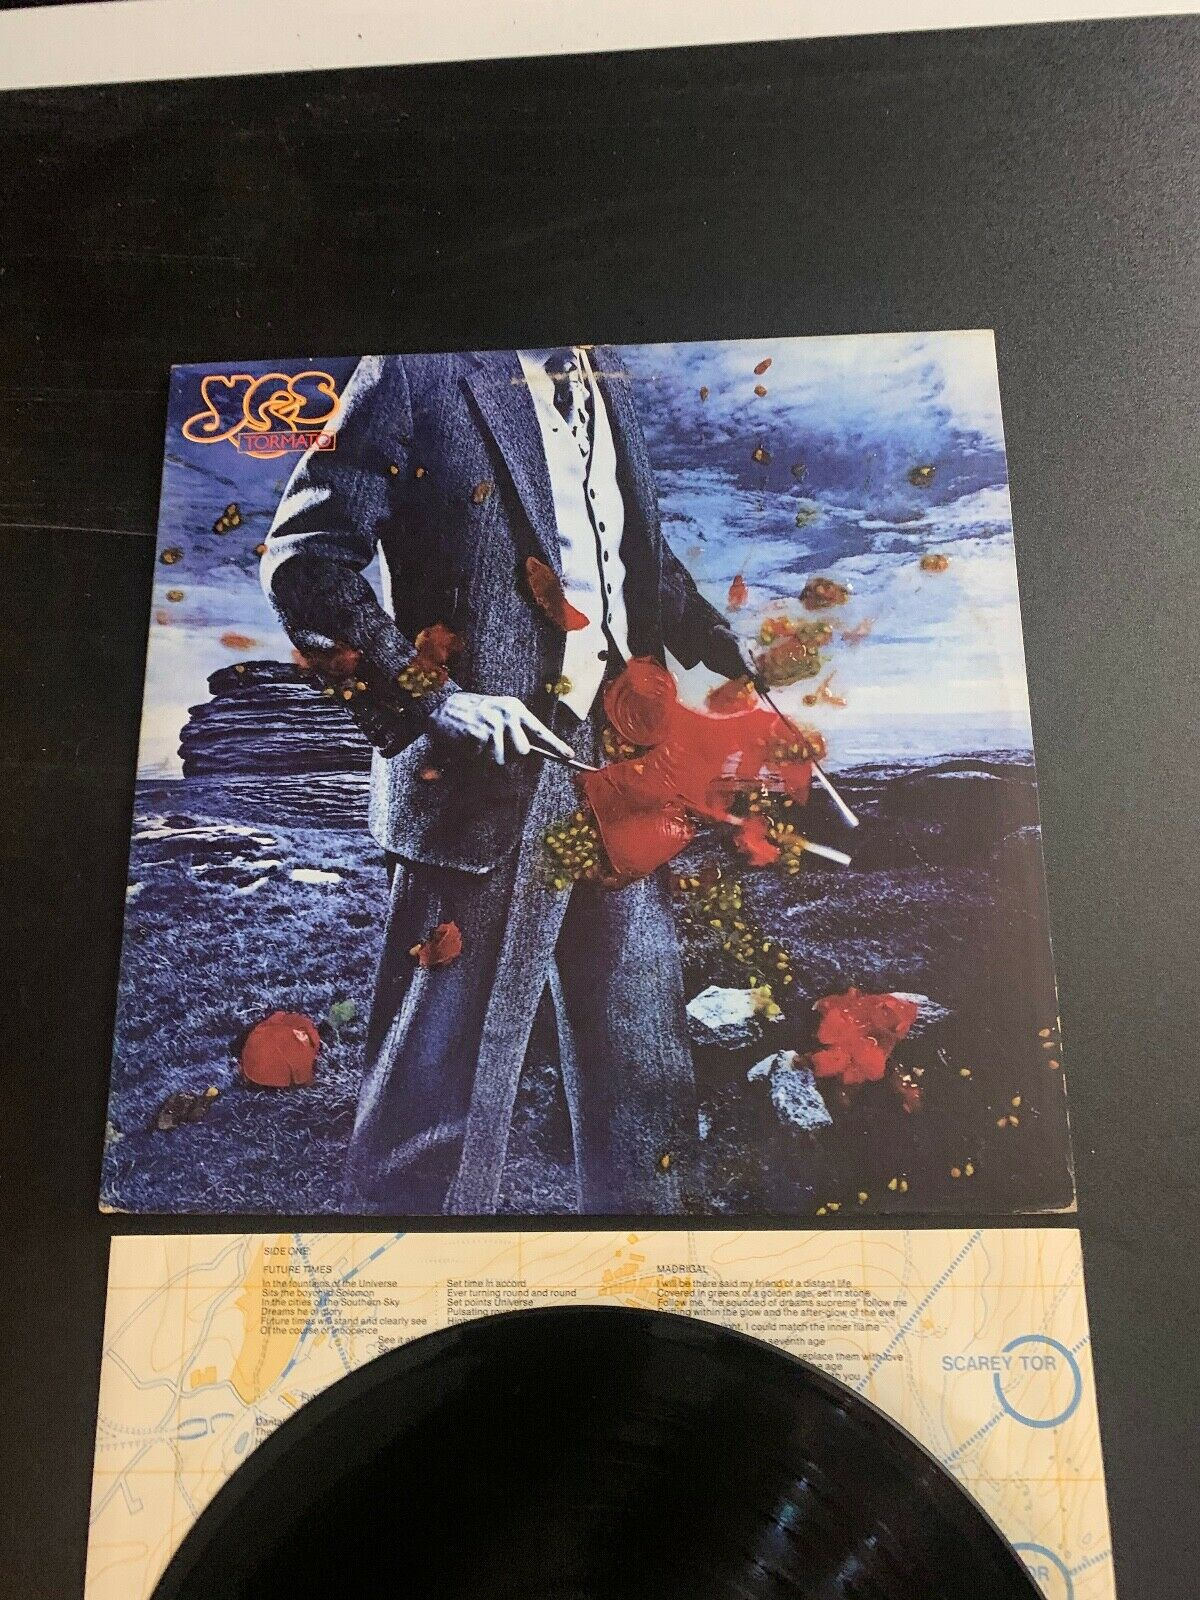 LP RECORD - YES - TORMATO - ATLANTIC RECORDS - $12.99